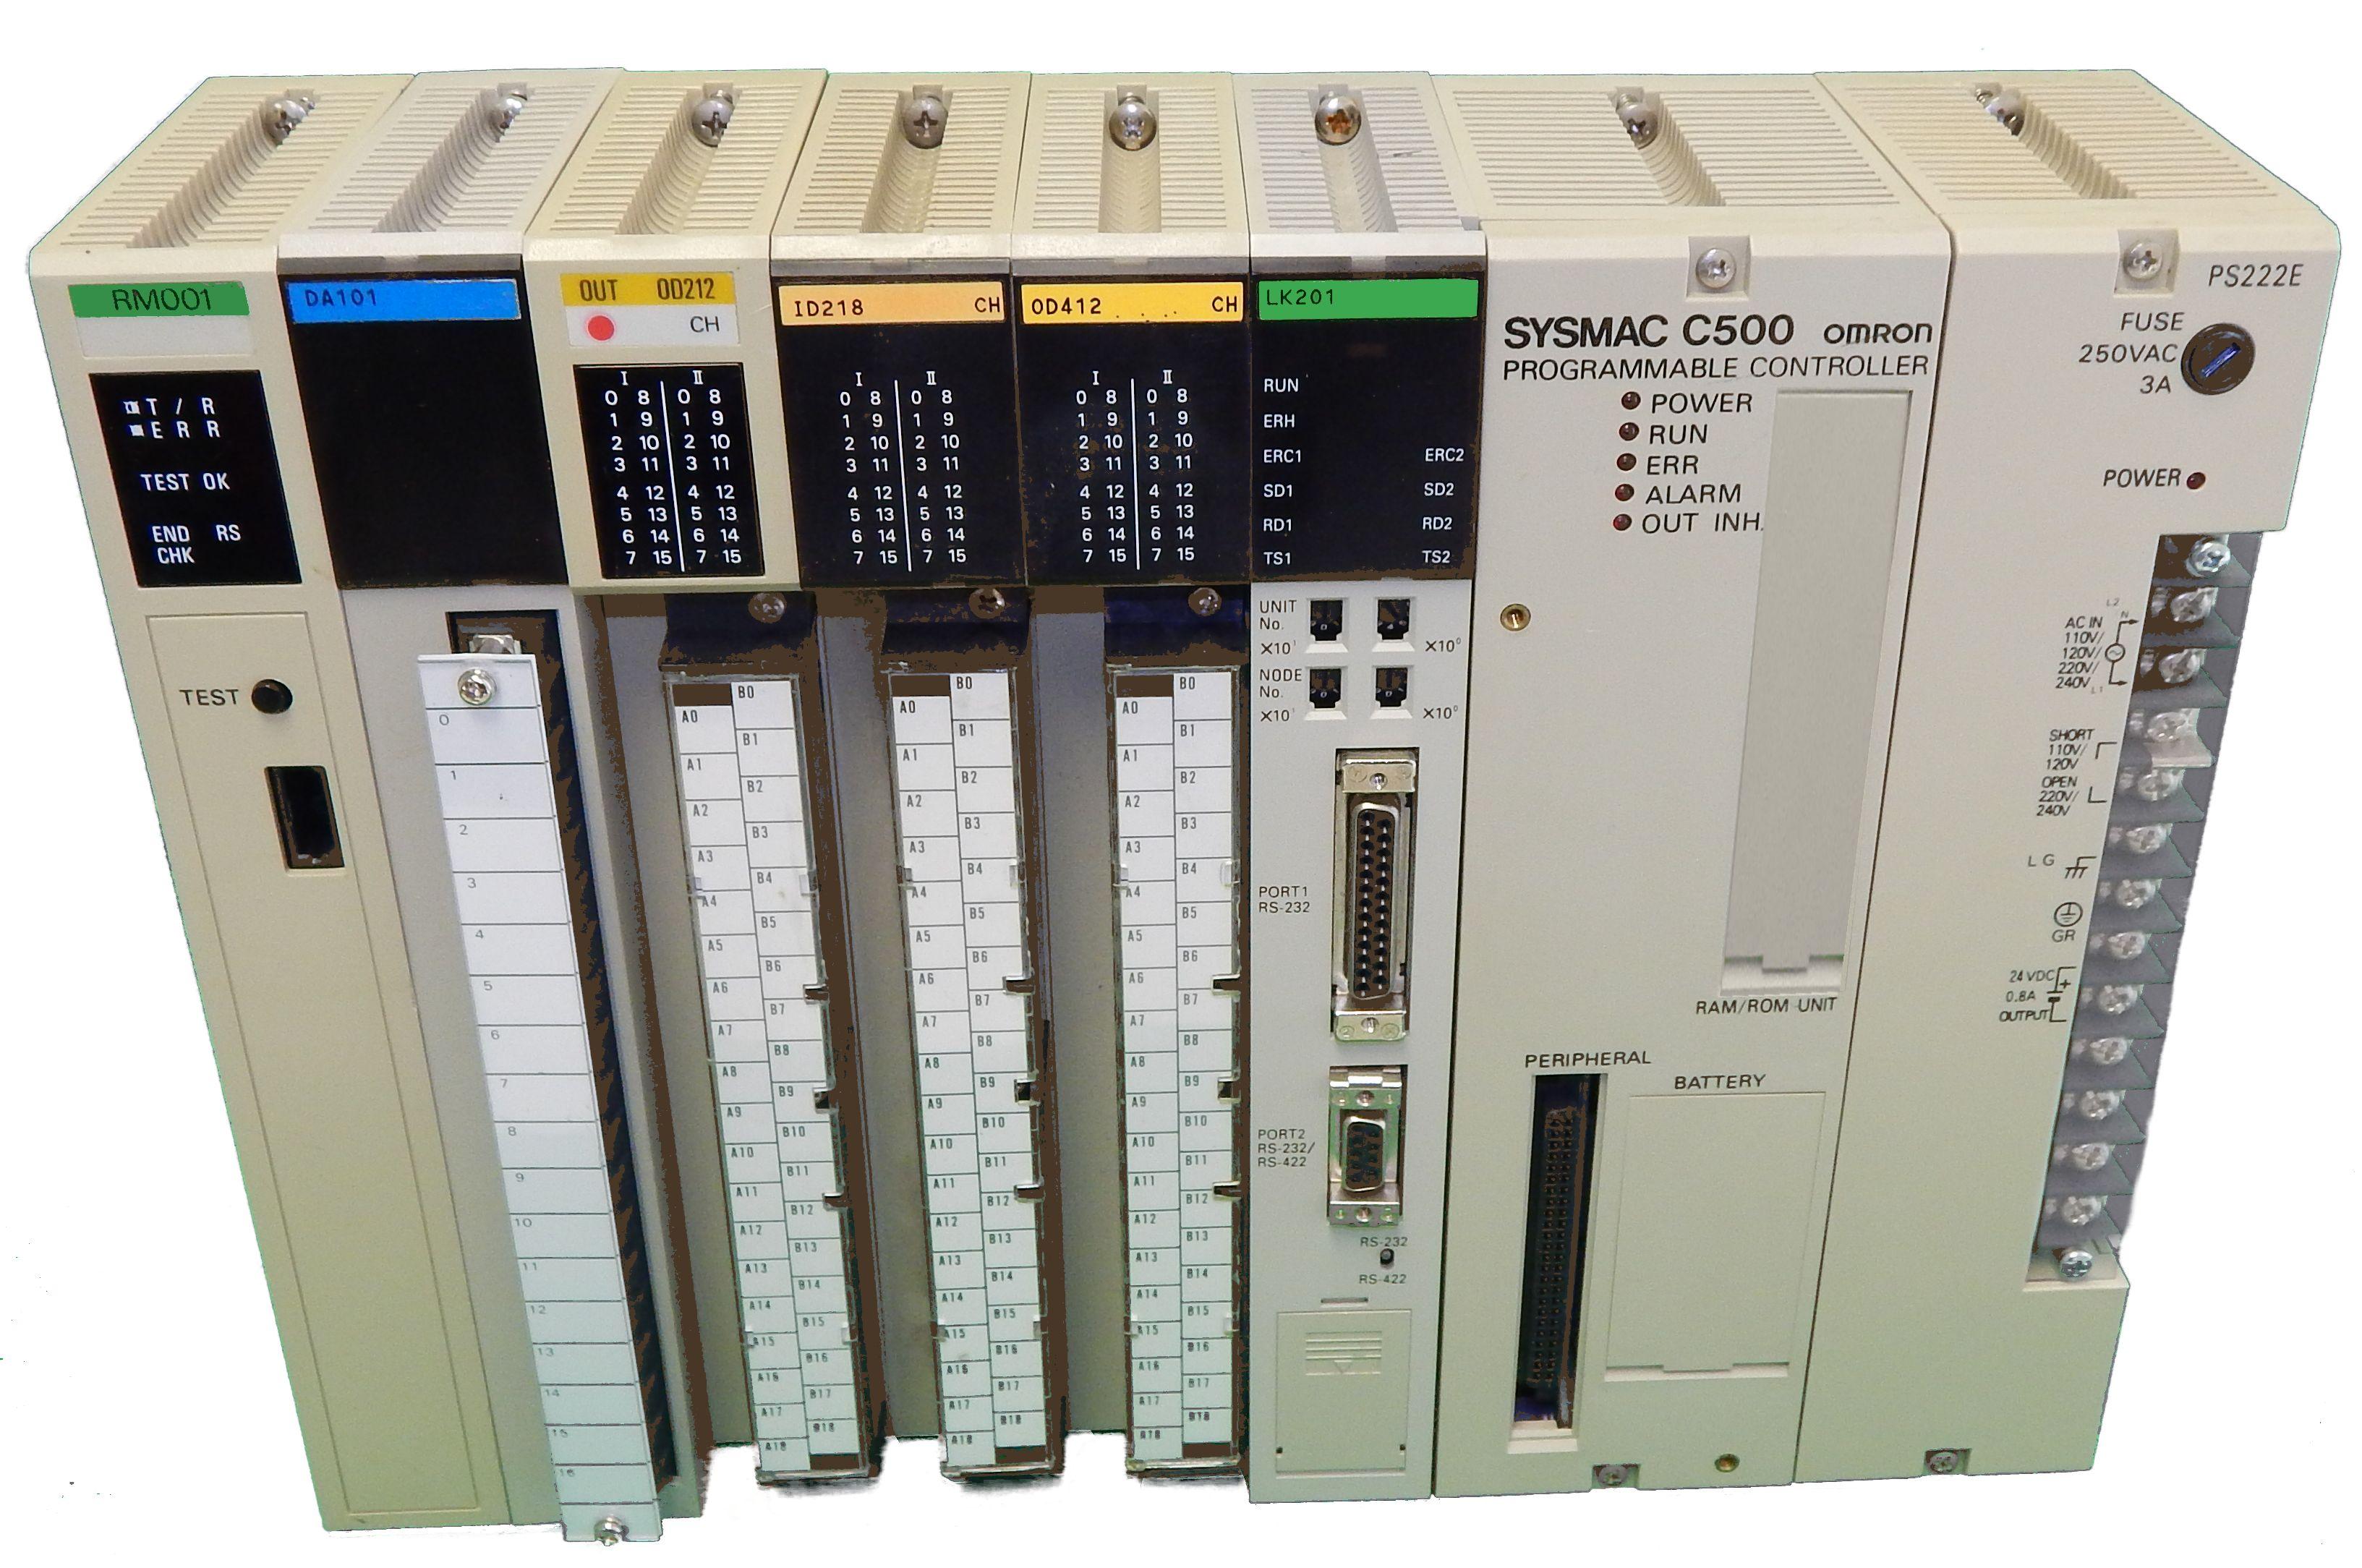 3G2C4-SC021-E